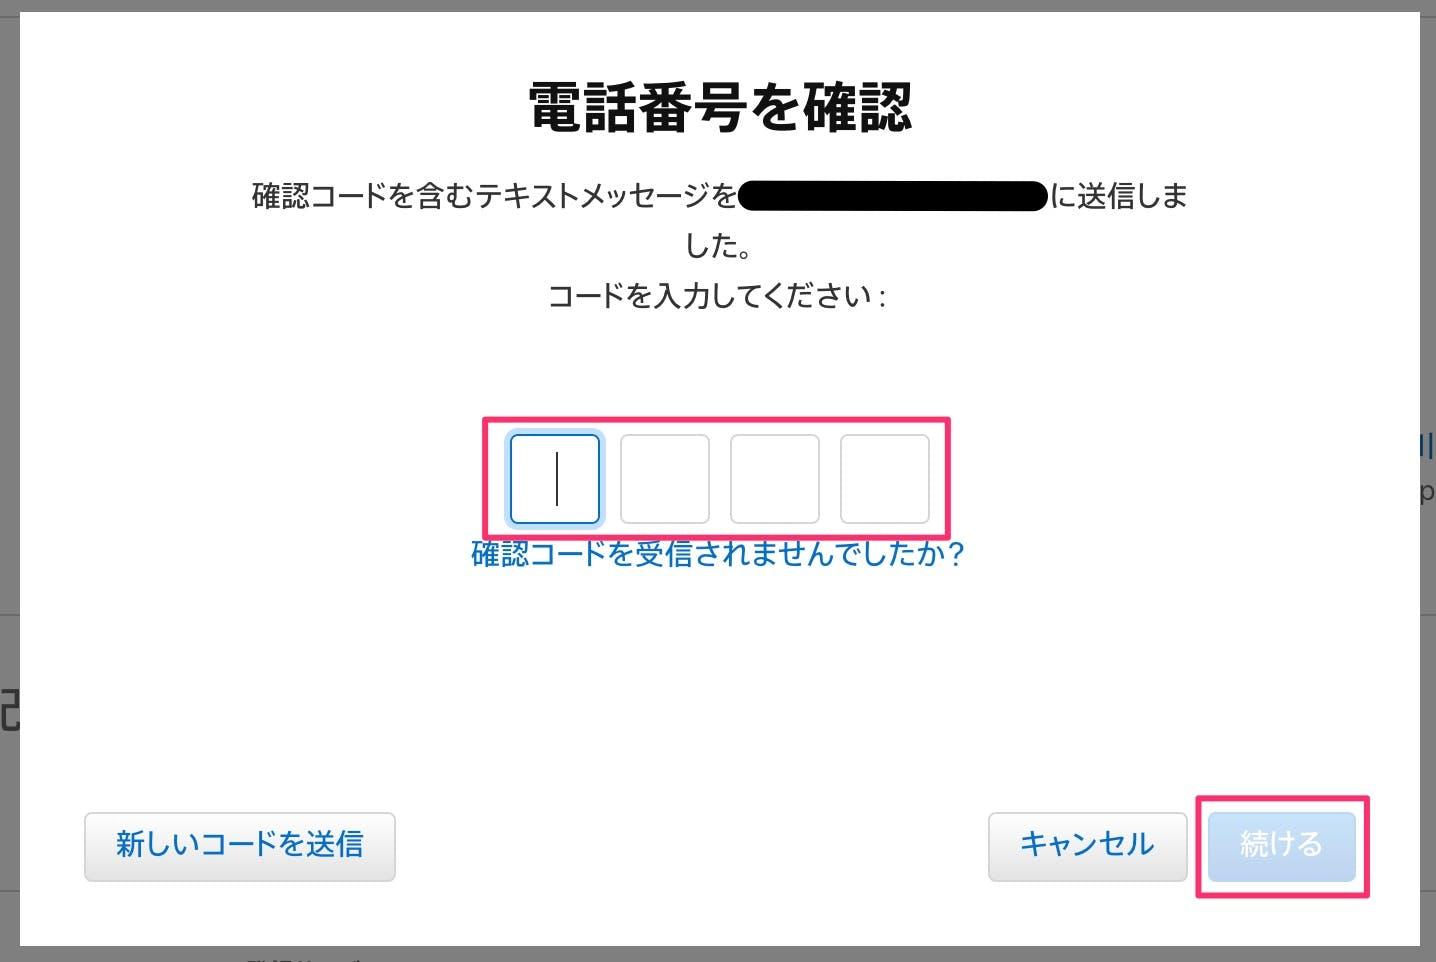 スクリーンショット_2019-09-04_11_57_20.jpg